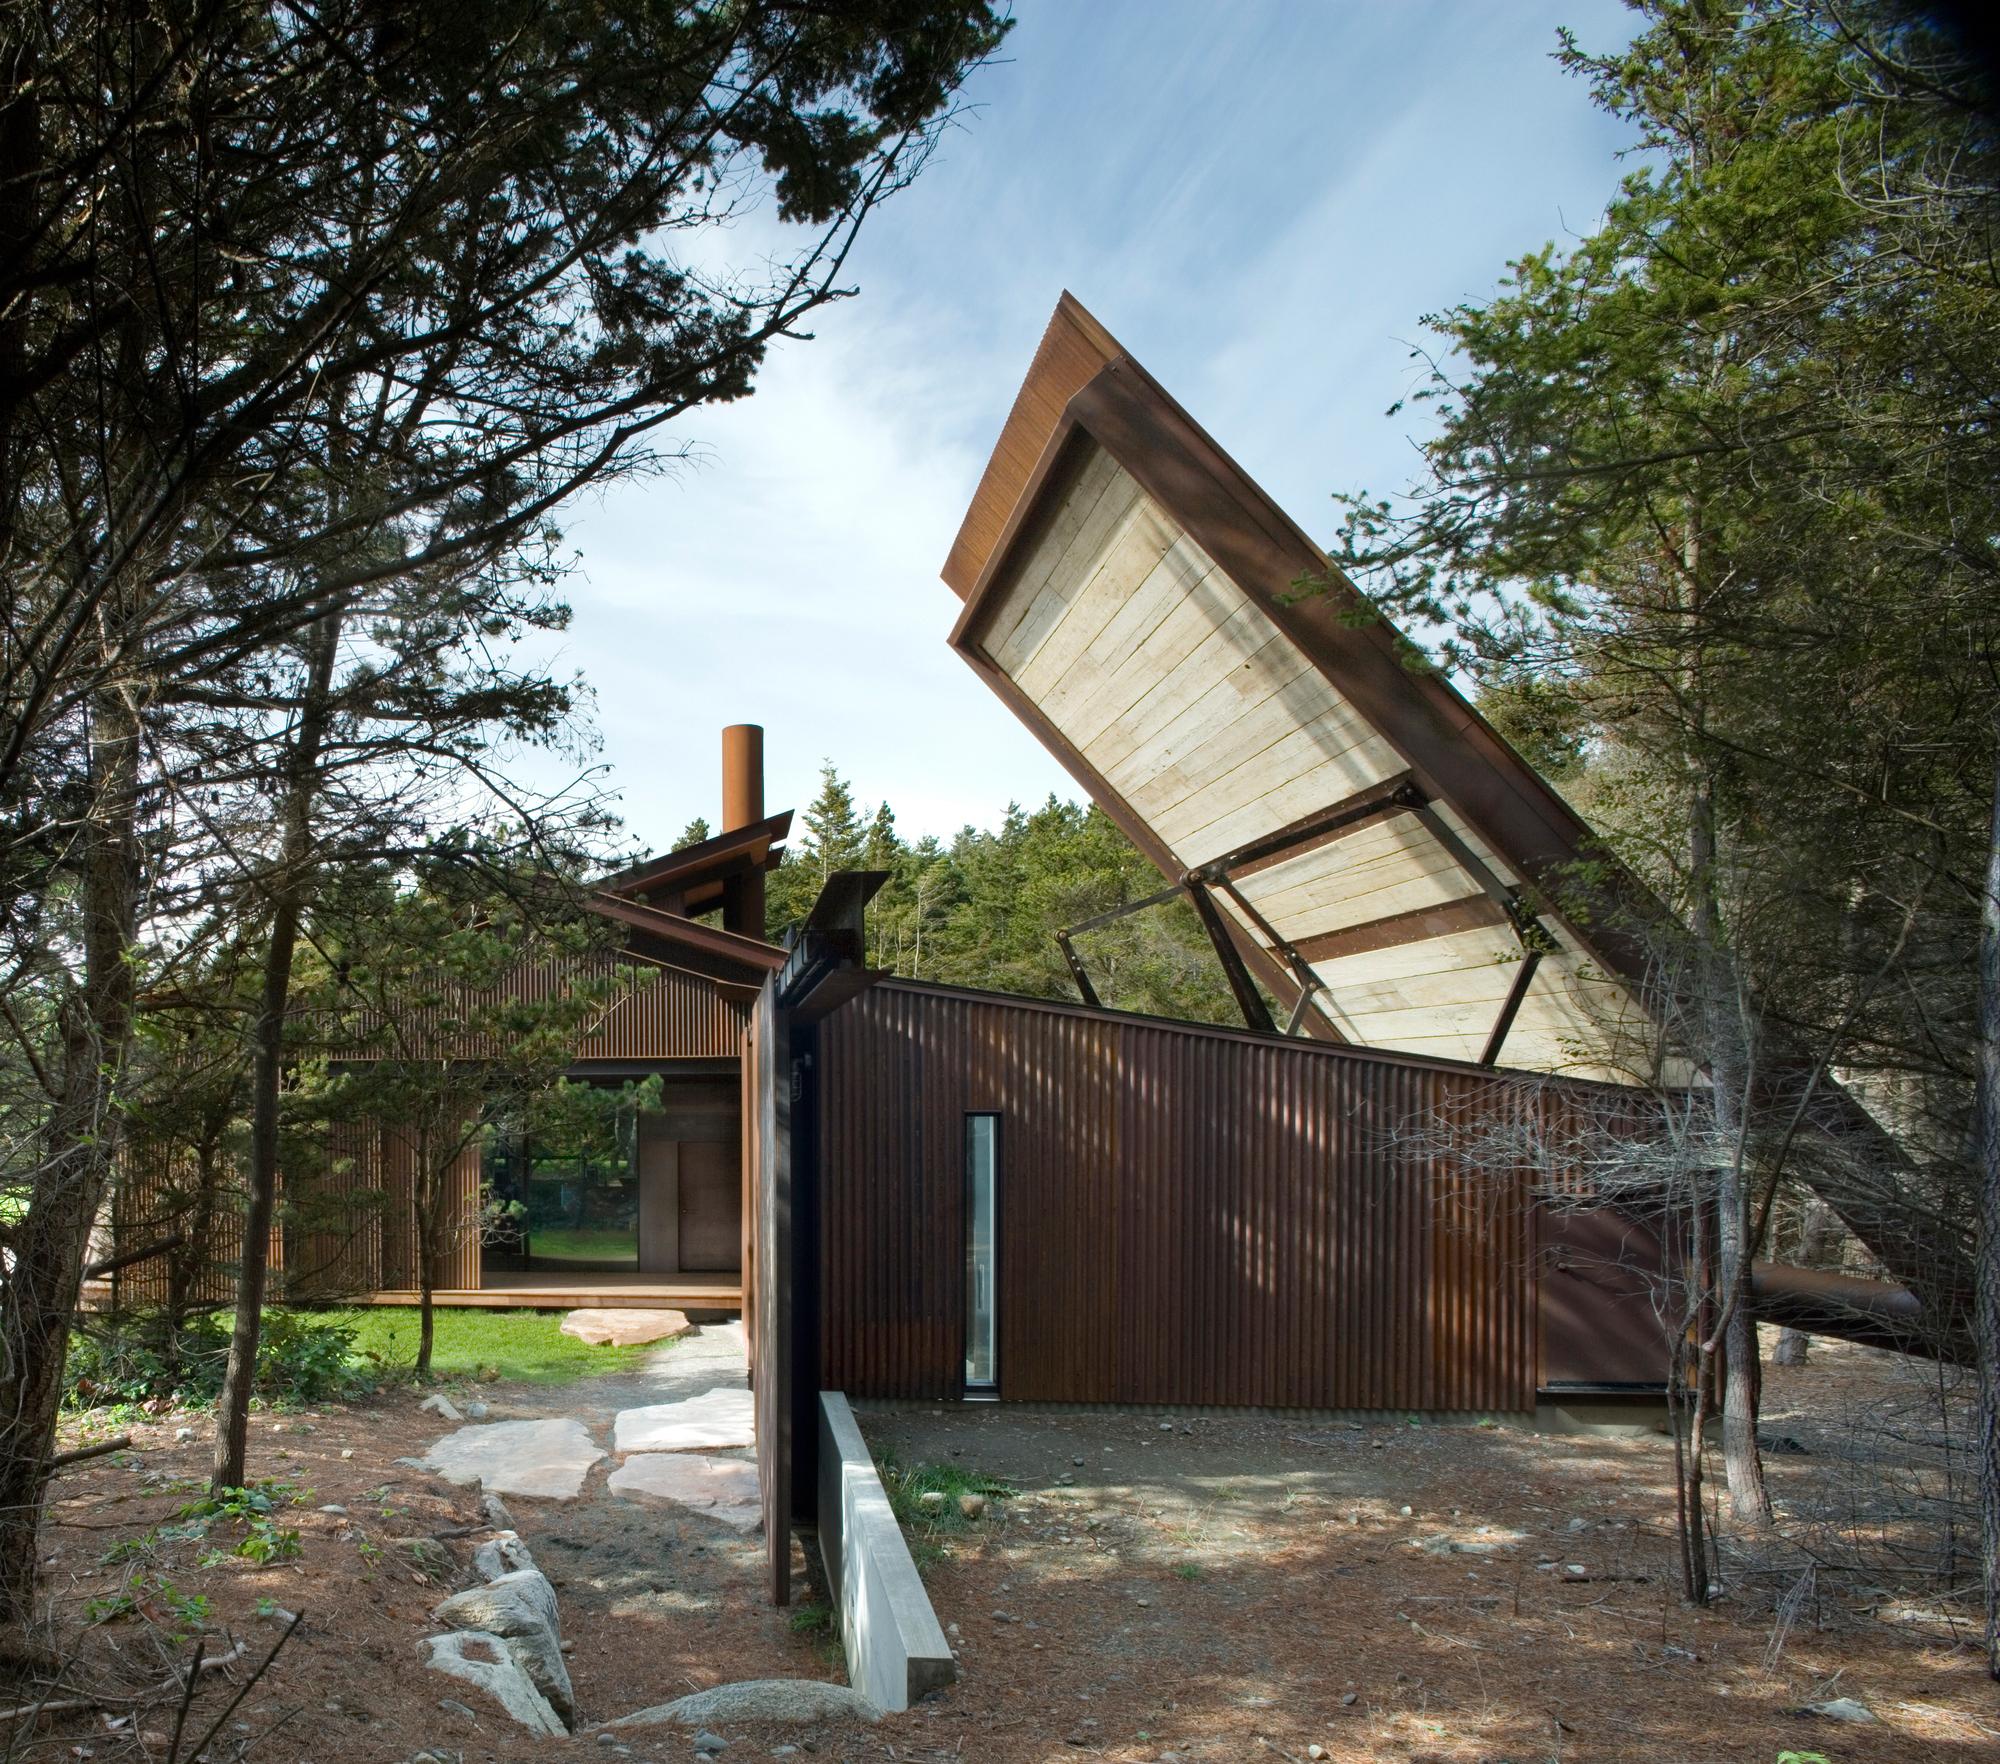 Shadowboxx Olson Kundig Architects The Superslice